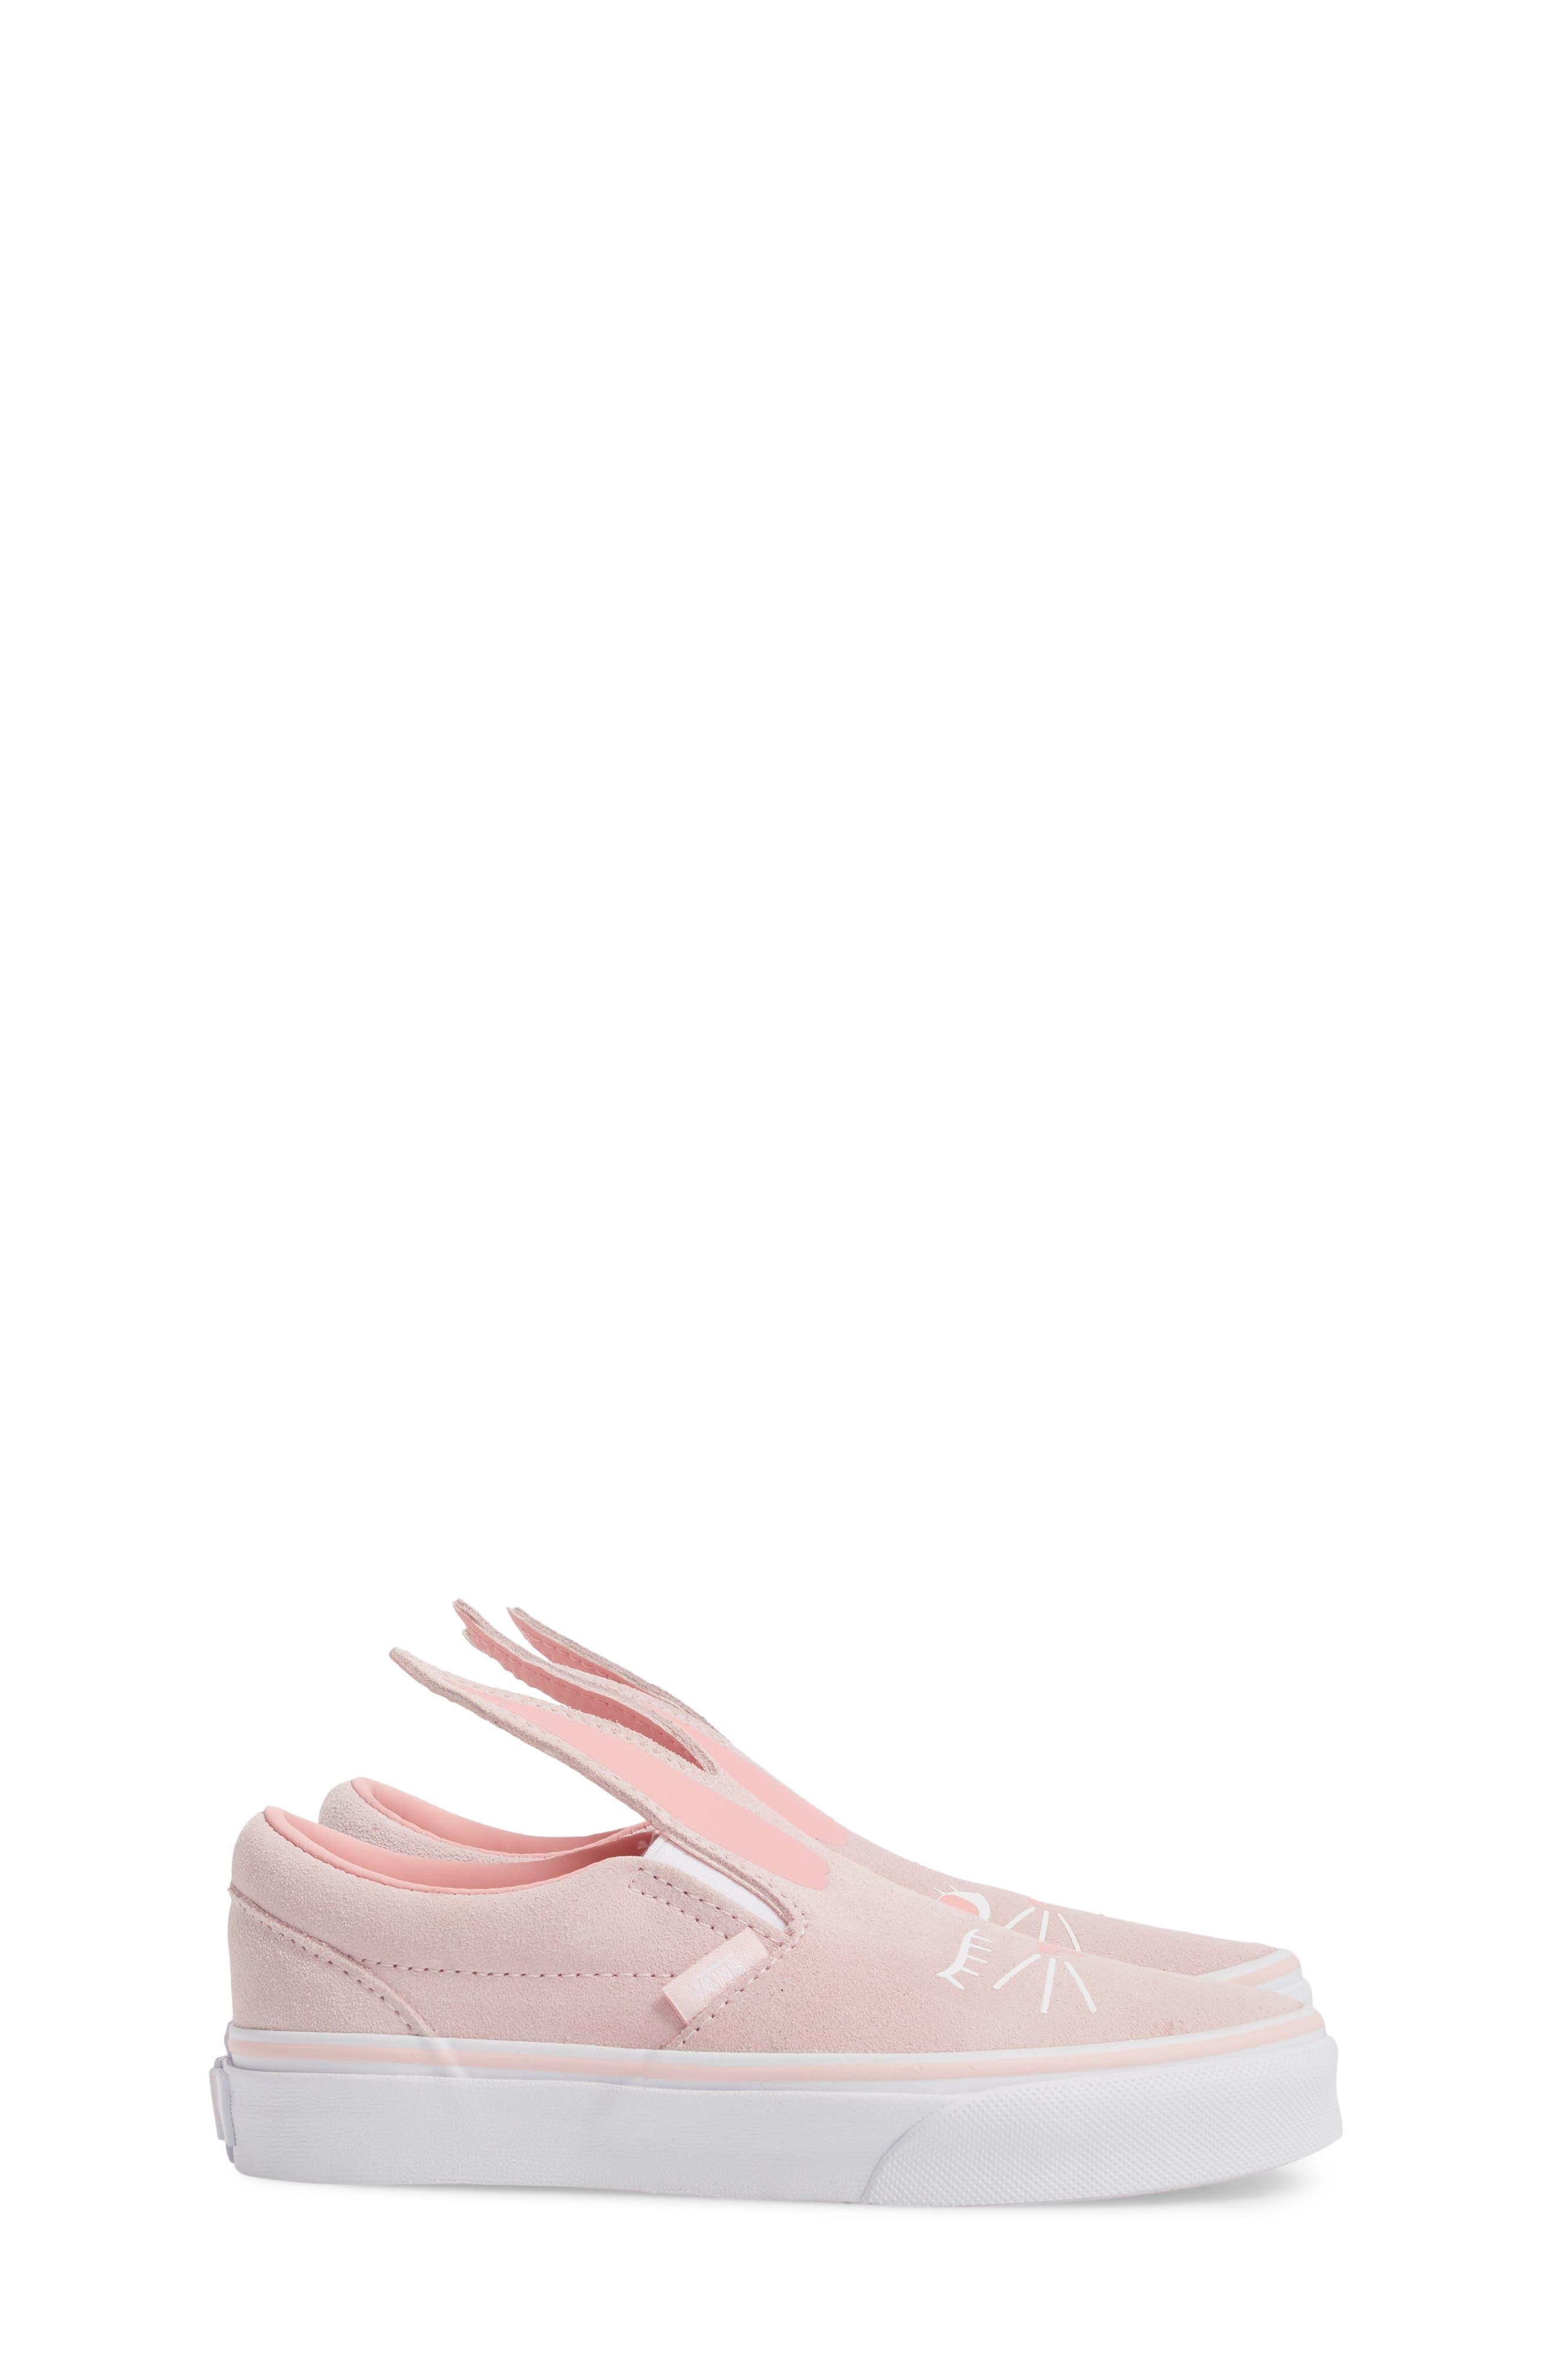 Slip-On Bunny Sneaker,                             Alternate thumbnail 4, color,                             Chalk Pink/ True White